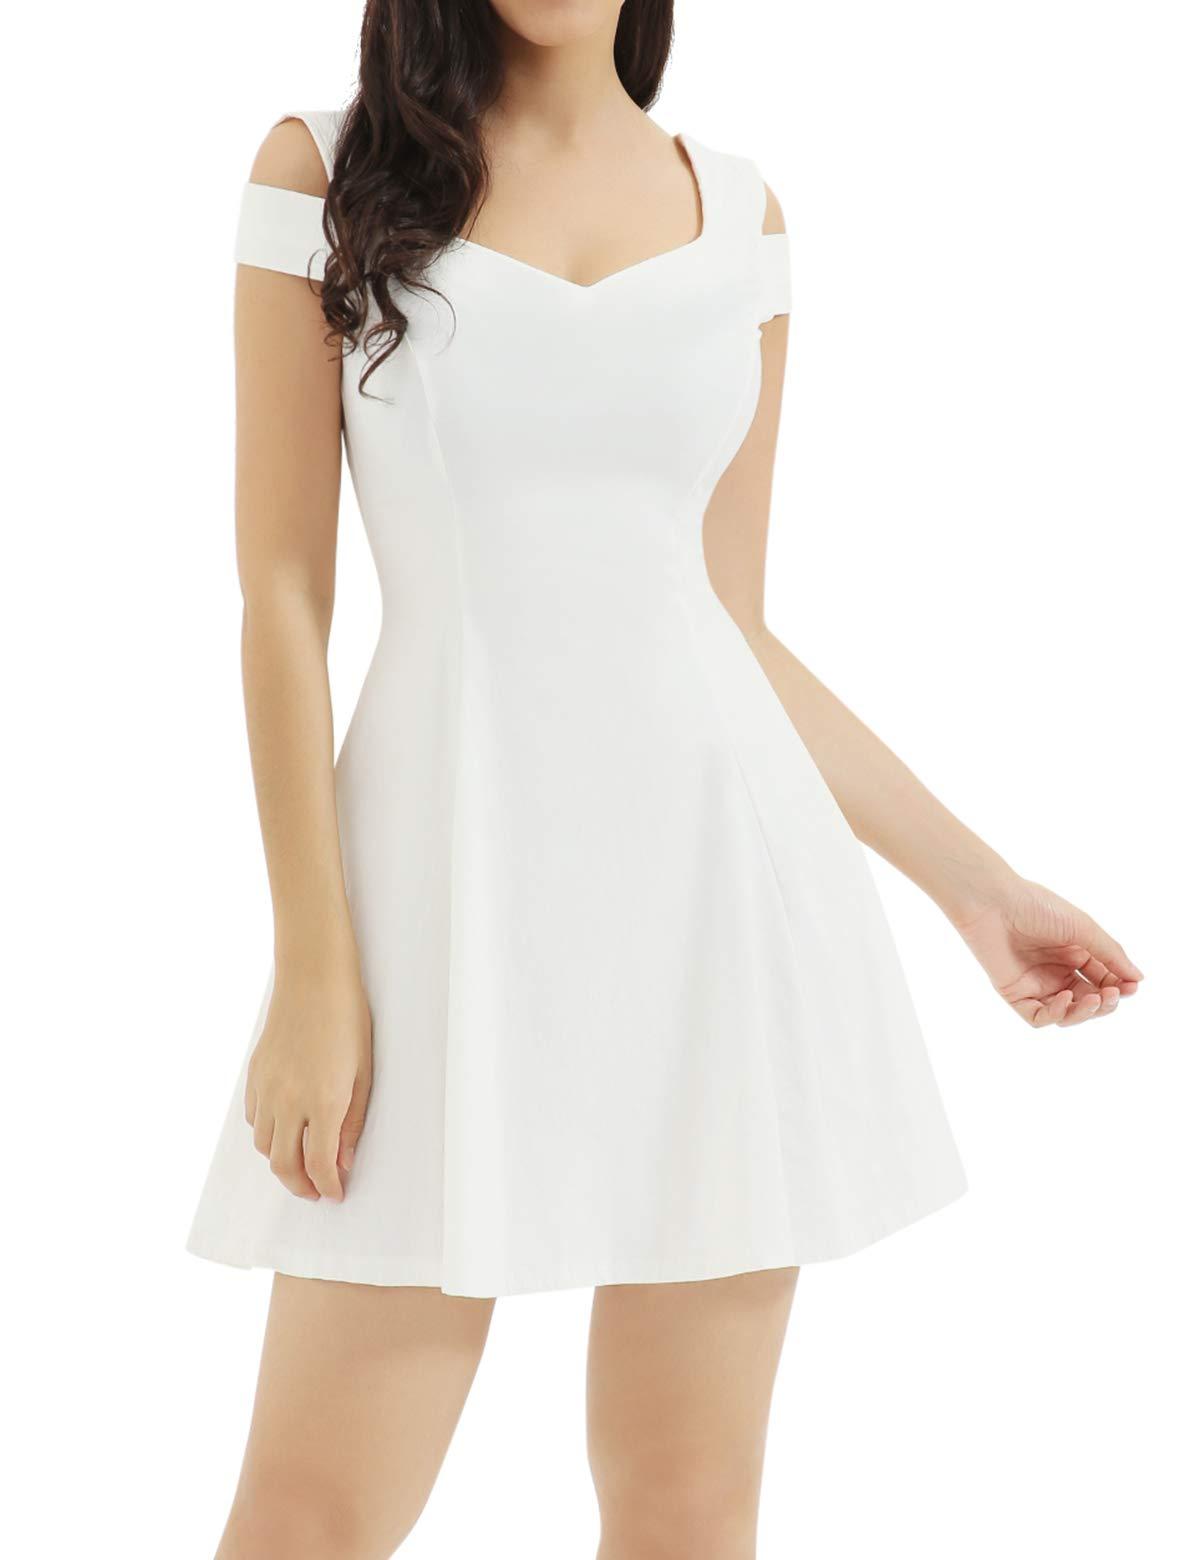 White Dress - Women Sweet And Cute Sleeveless Racerback Flared Swing A-Line Waist Hollow Out Summer Short Dress